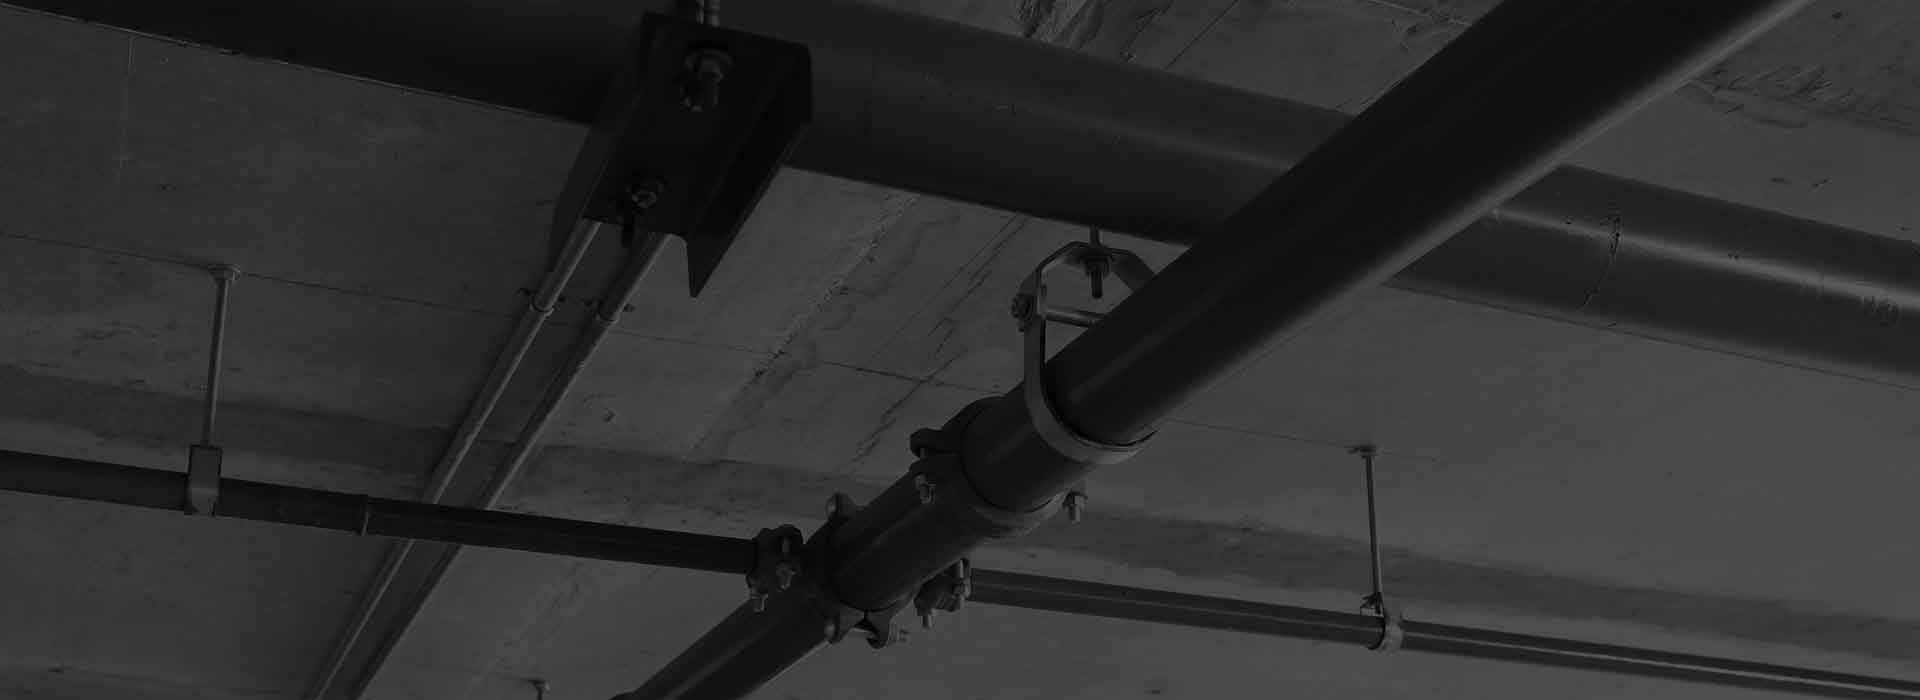 Sprinkler -sammutusjärjestelmien asennukset